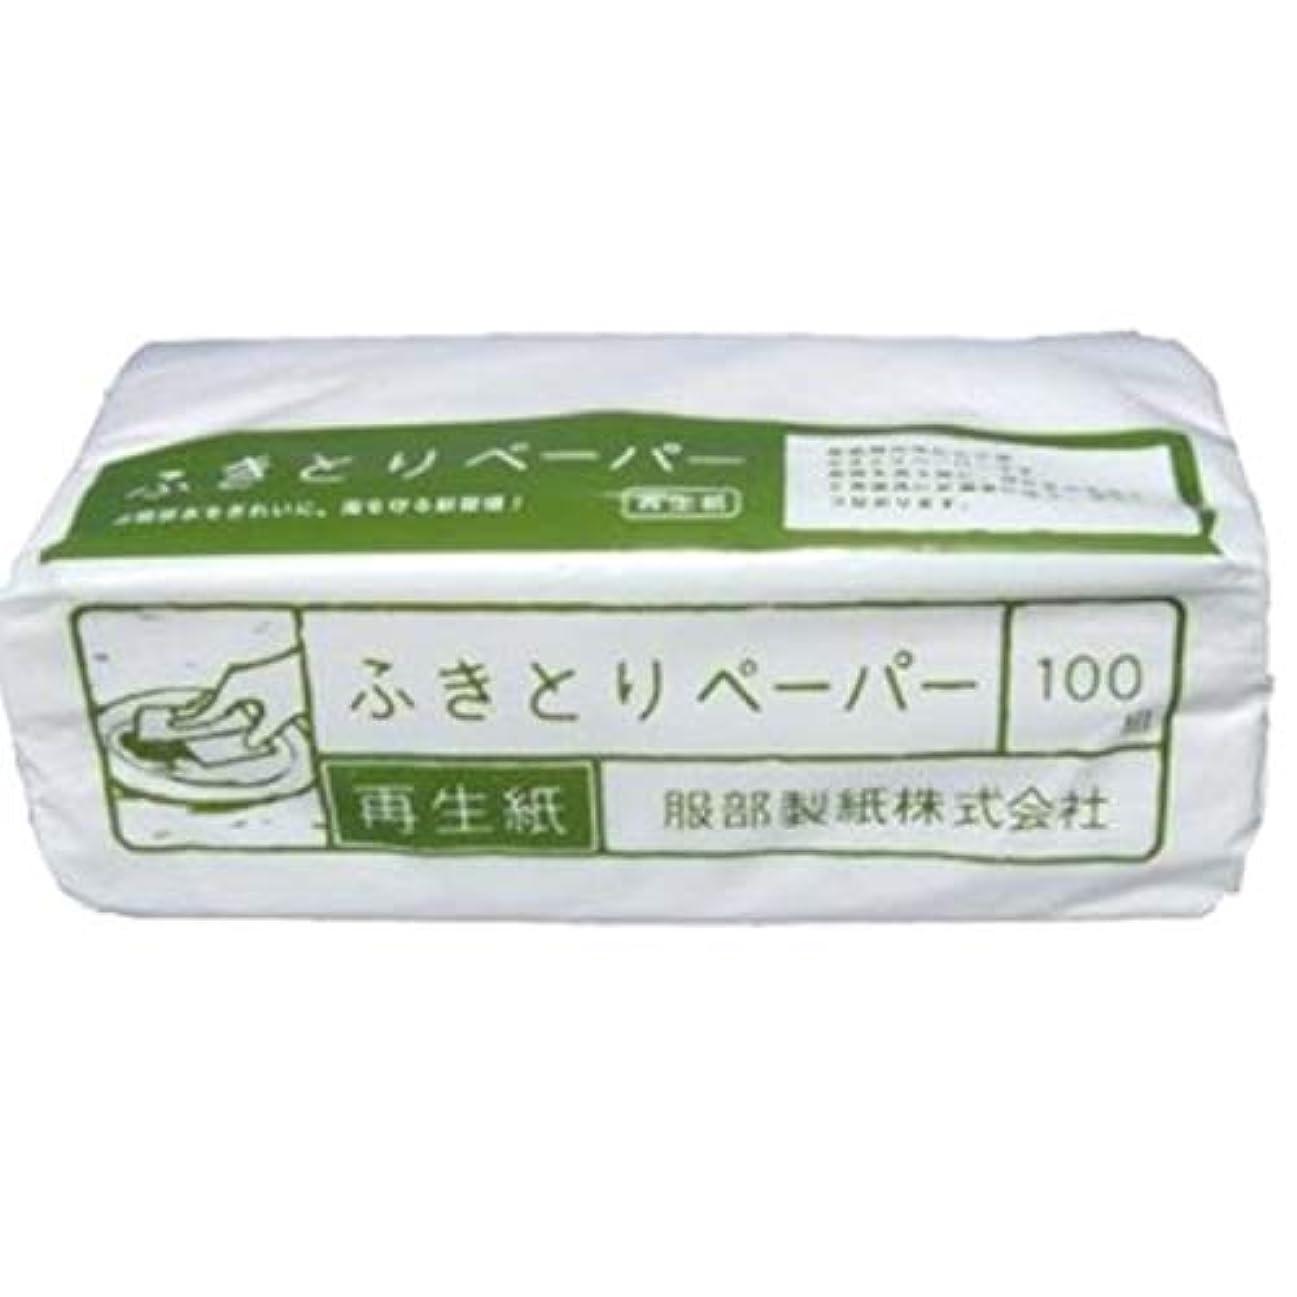 錆びバース恩恵服部製紙 ペーパータオル 吸水  ホワイト 約縦10×横23×高8cm 環境にやさしい 再生紙 ふきとりペーパー 100枚